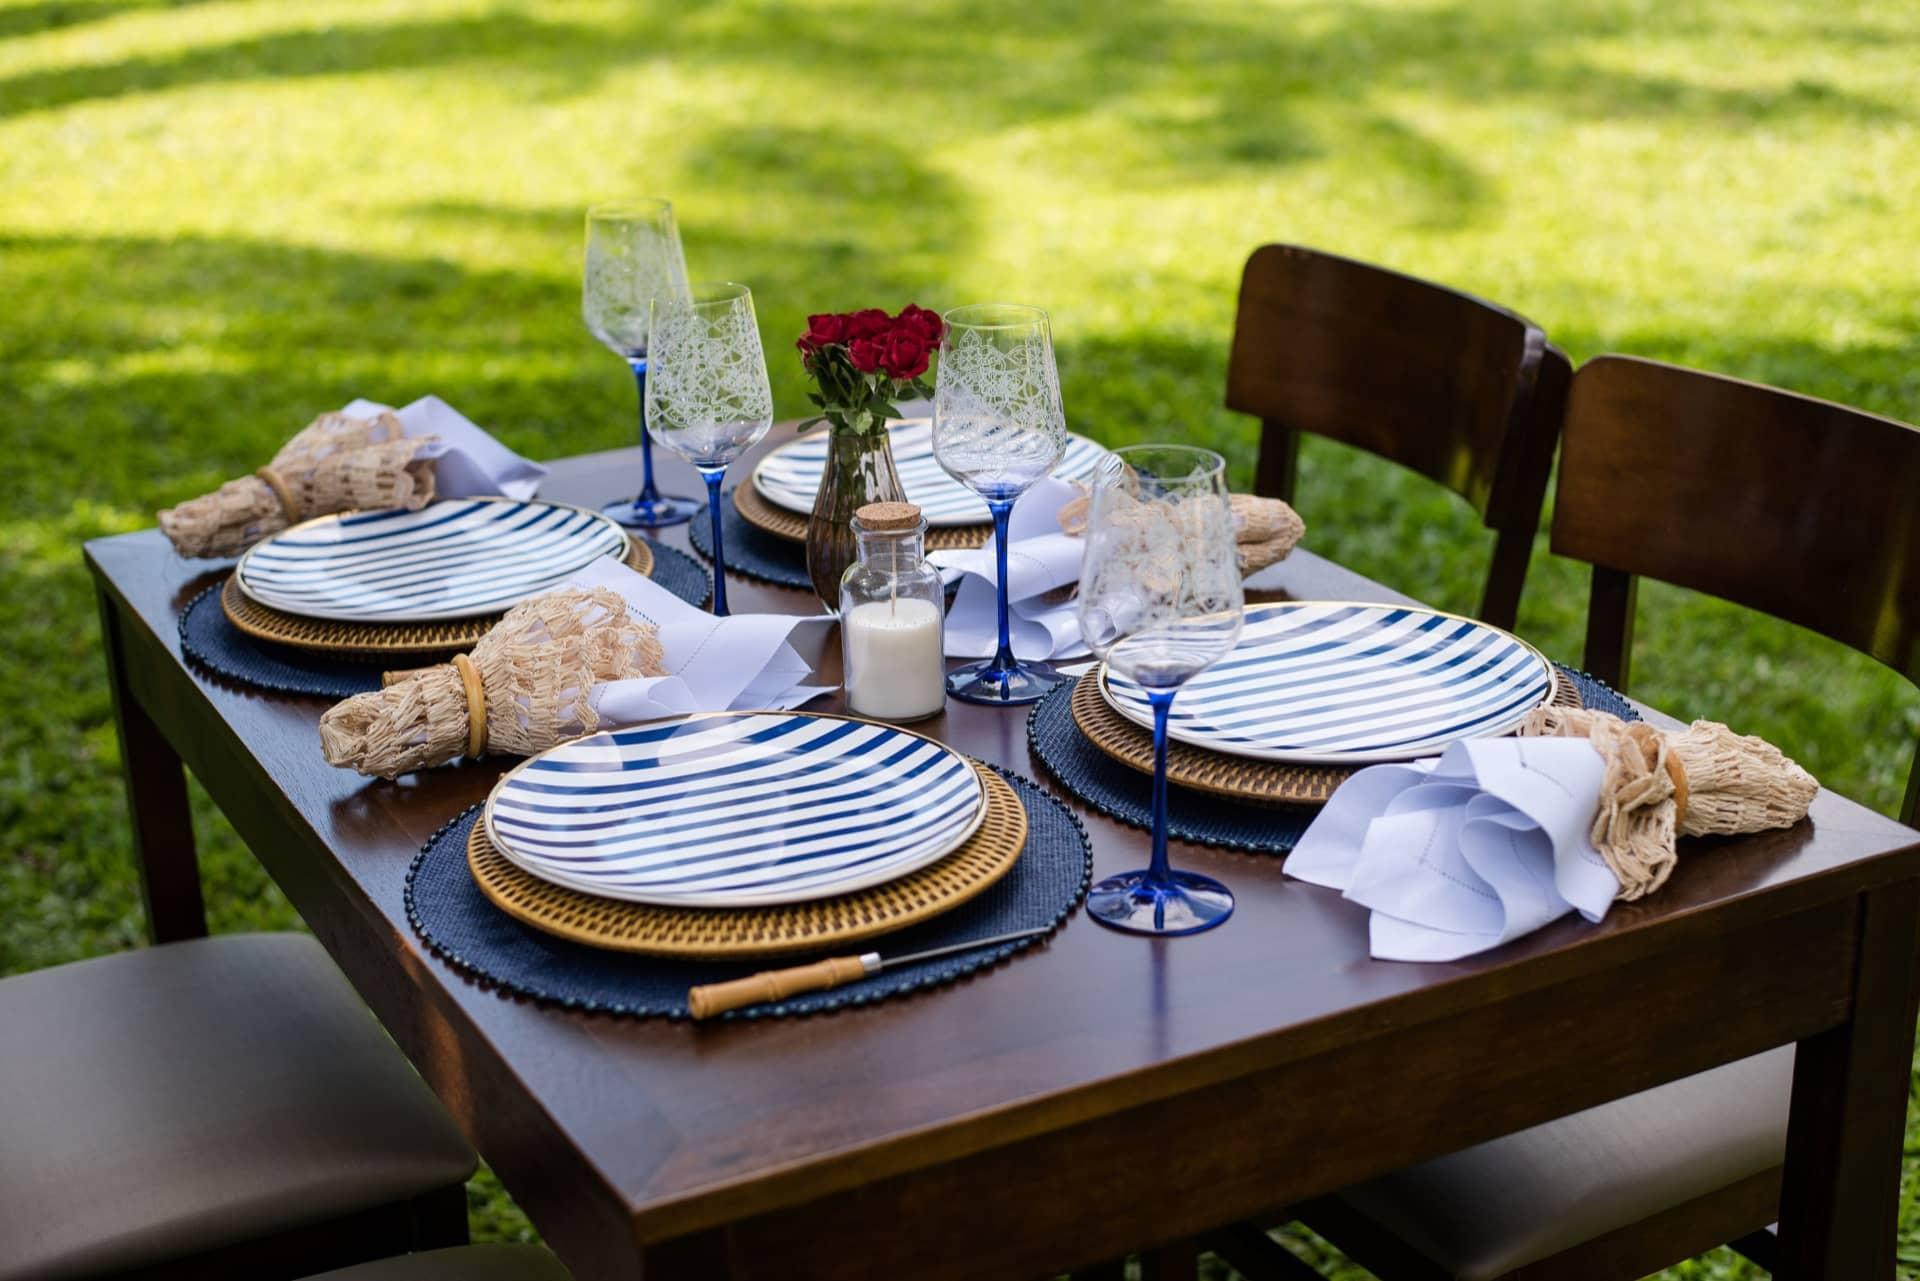 Imagem: No almoço ao ar livre, a louça (Coup Lusitana, da Oxford Porcelanas) mostra seu lado mais informal.Foto: Karla Rudnick